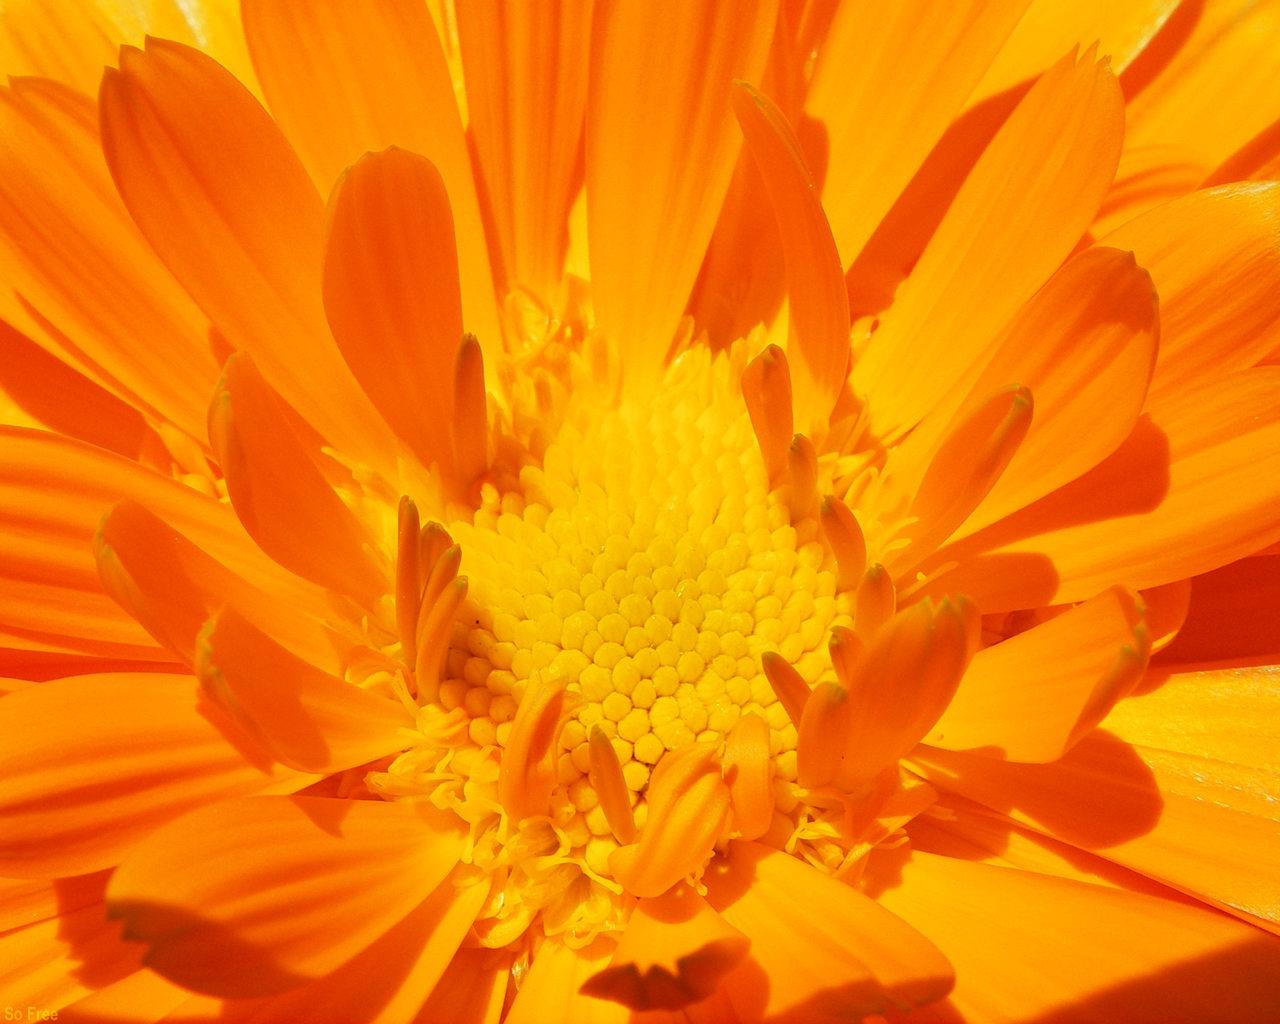 регулярно выкладывает картинки оранжевый фон цветы своим опытом приготовления